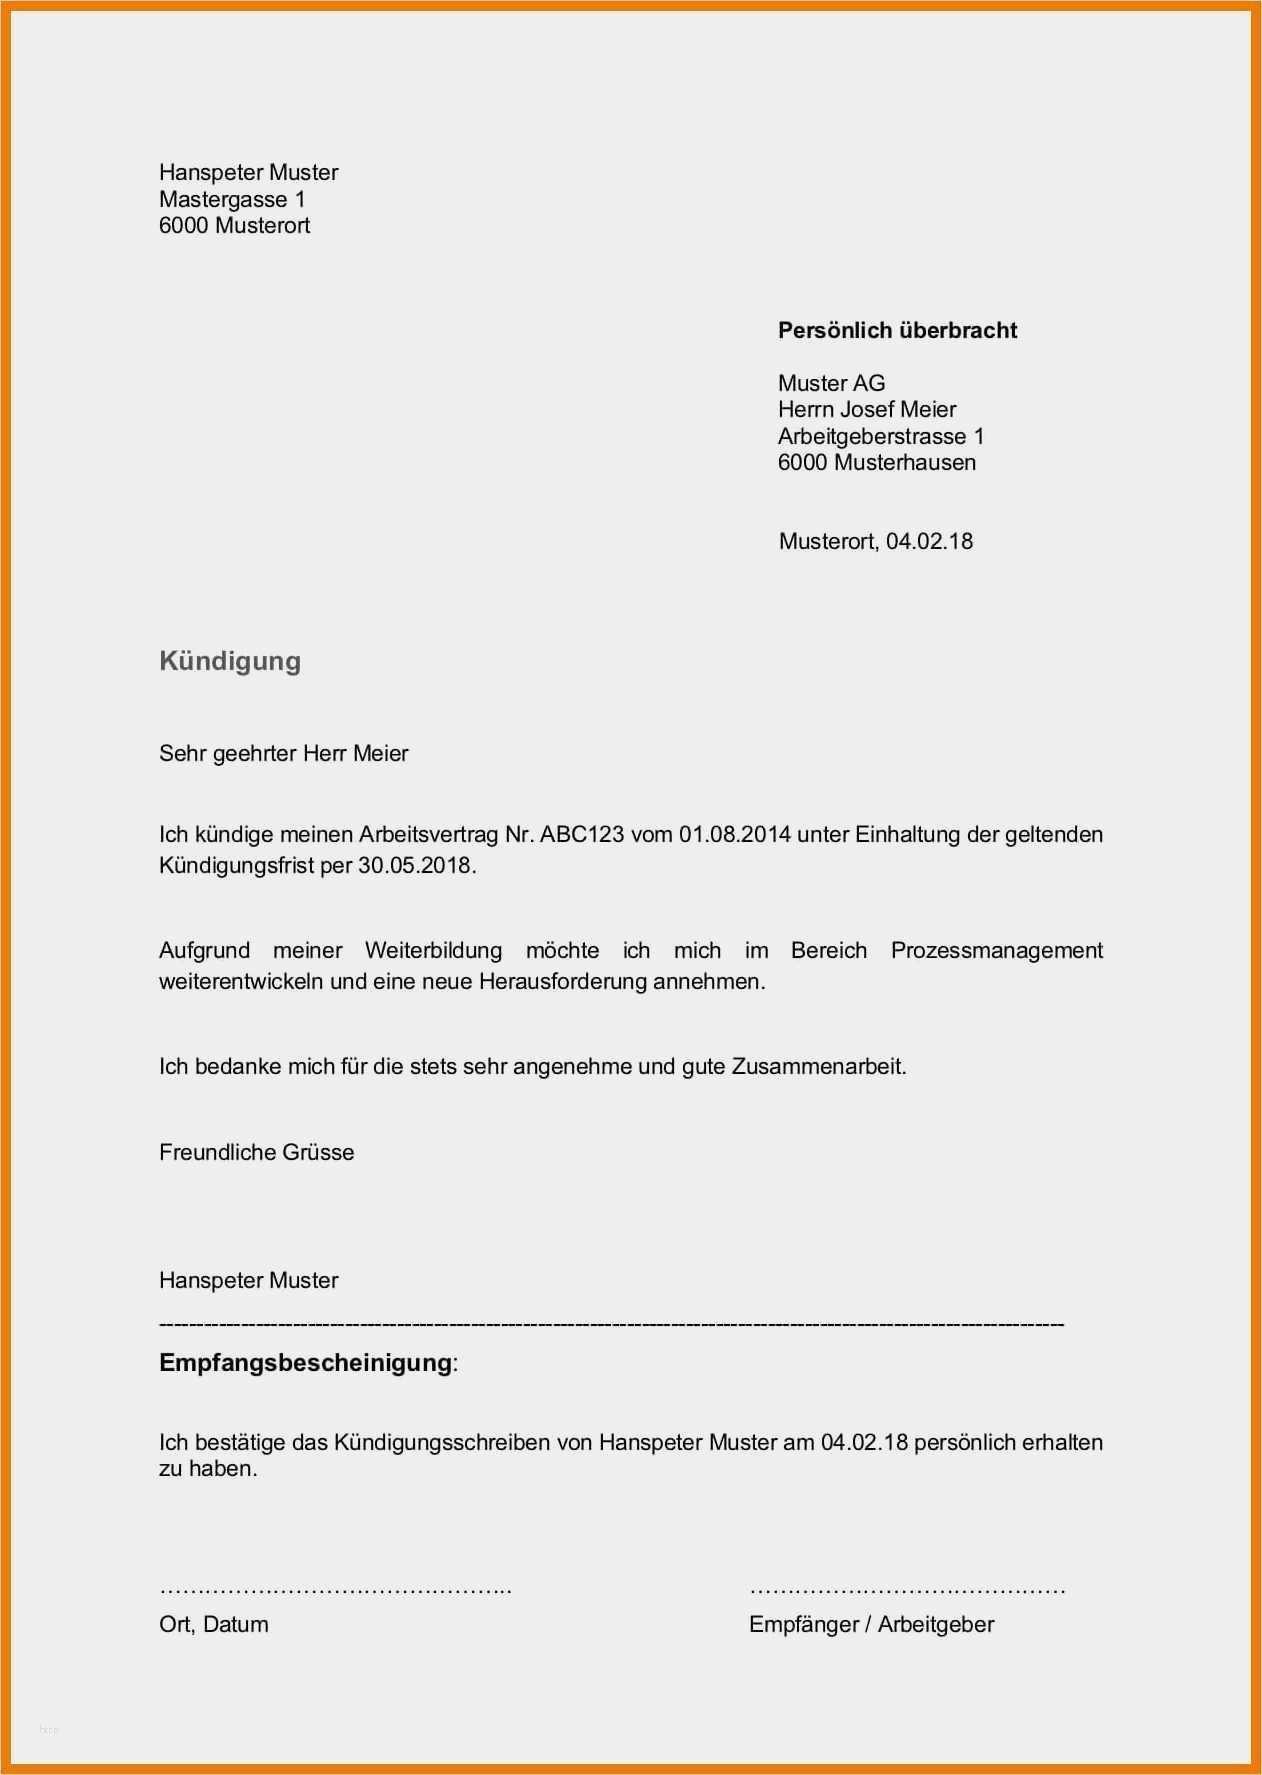 33 Suss Kundigungsschreiben Vorlage Wohnung Bilder Vorlagen Kundigung Schreiben Empfehlungsschreiben